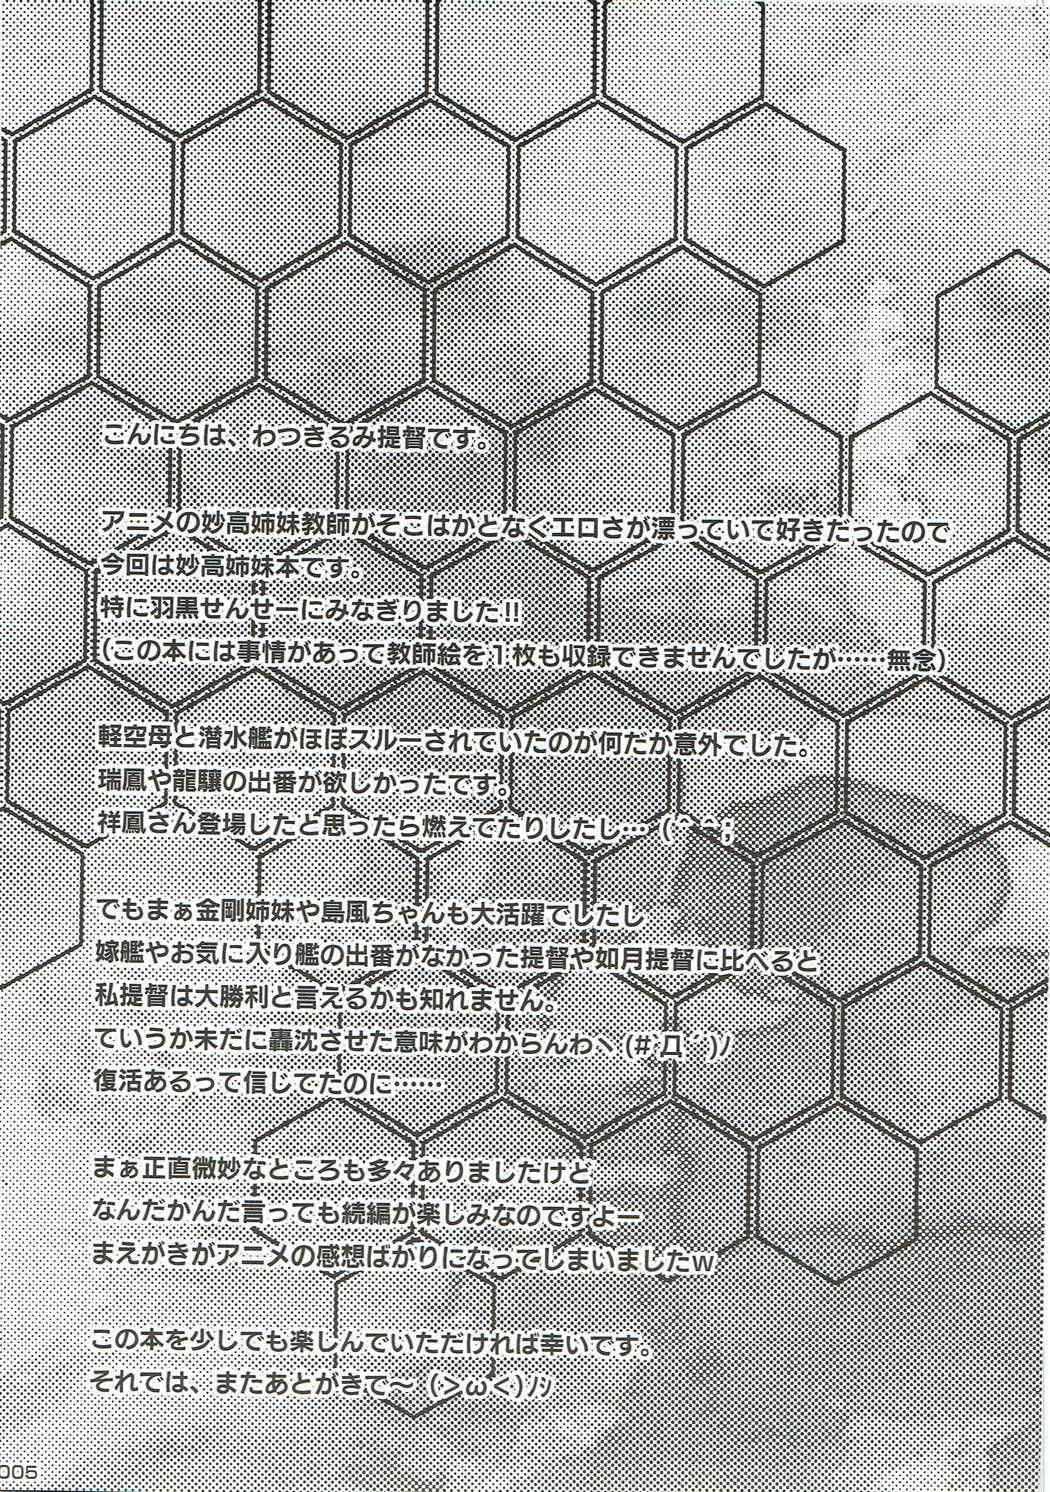 Konya no Kanmusu Recipe-shuu II 3